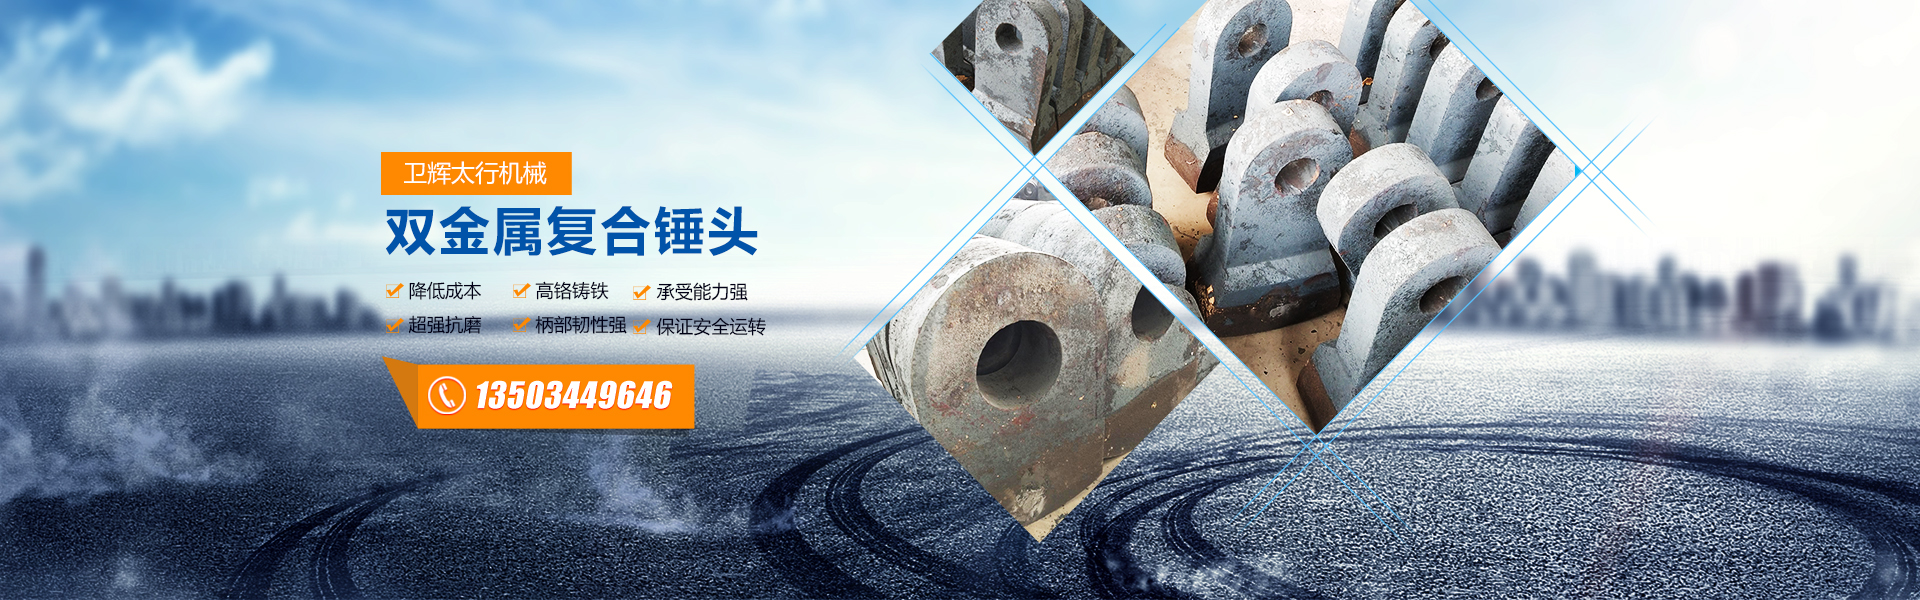 必威中文-必威体育app 下载地址|唯一首页